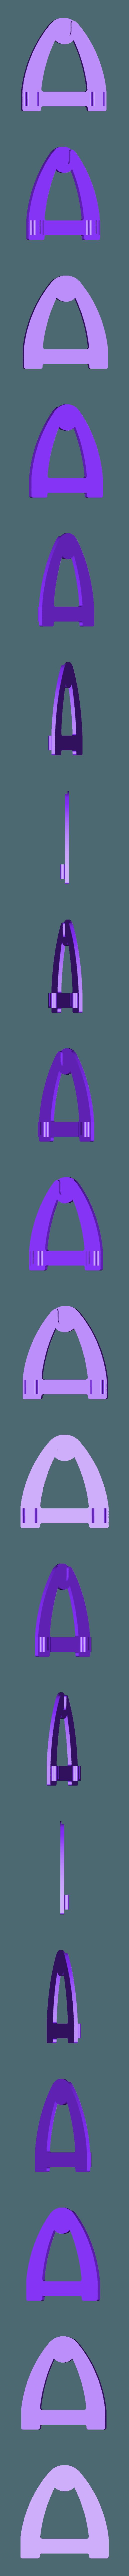 Side_PRINT_TWO.stl Télécharger fichier STL gratuit Support de bobine • Design pour imprimante 3D, pawlo444444